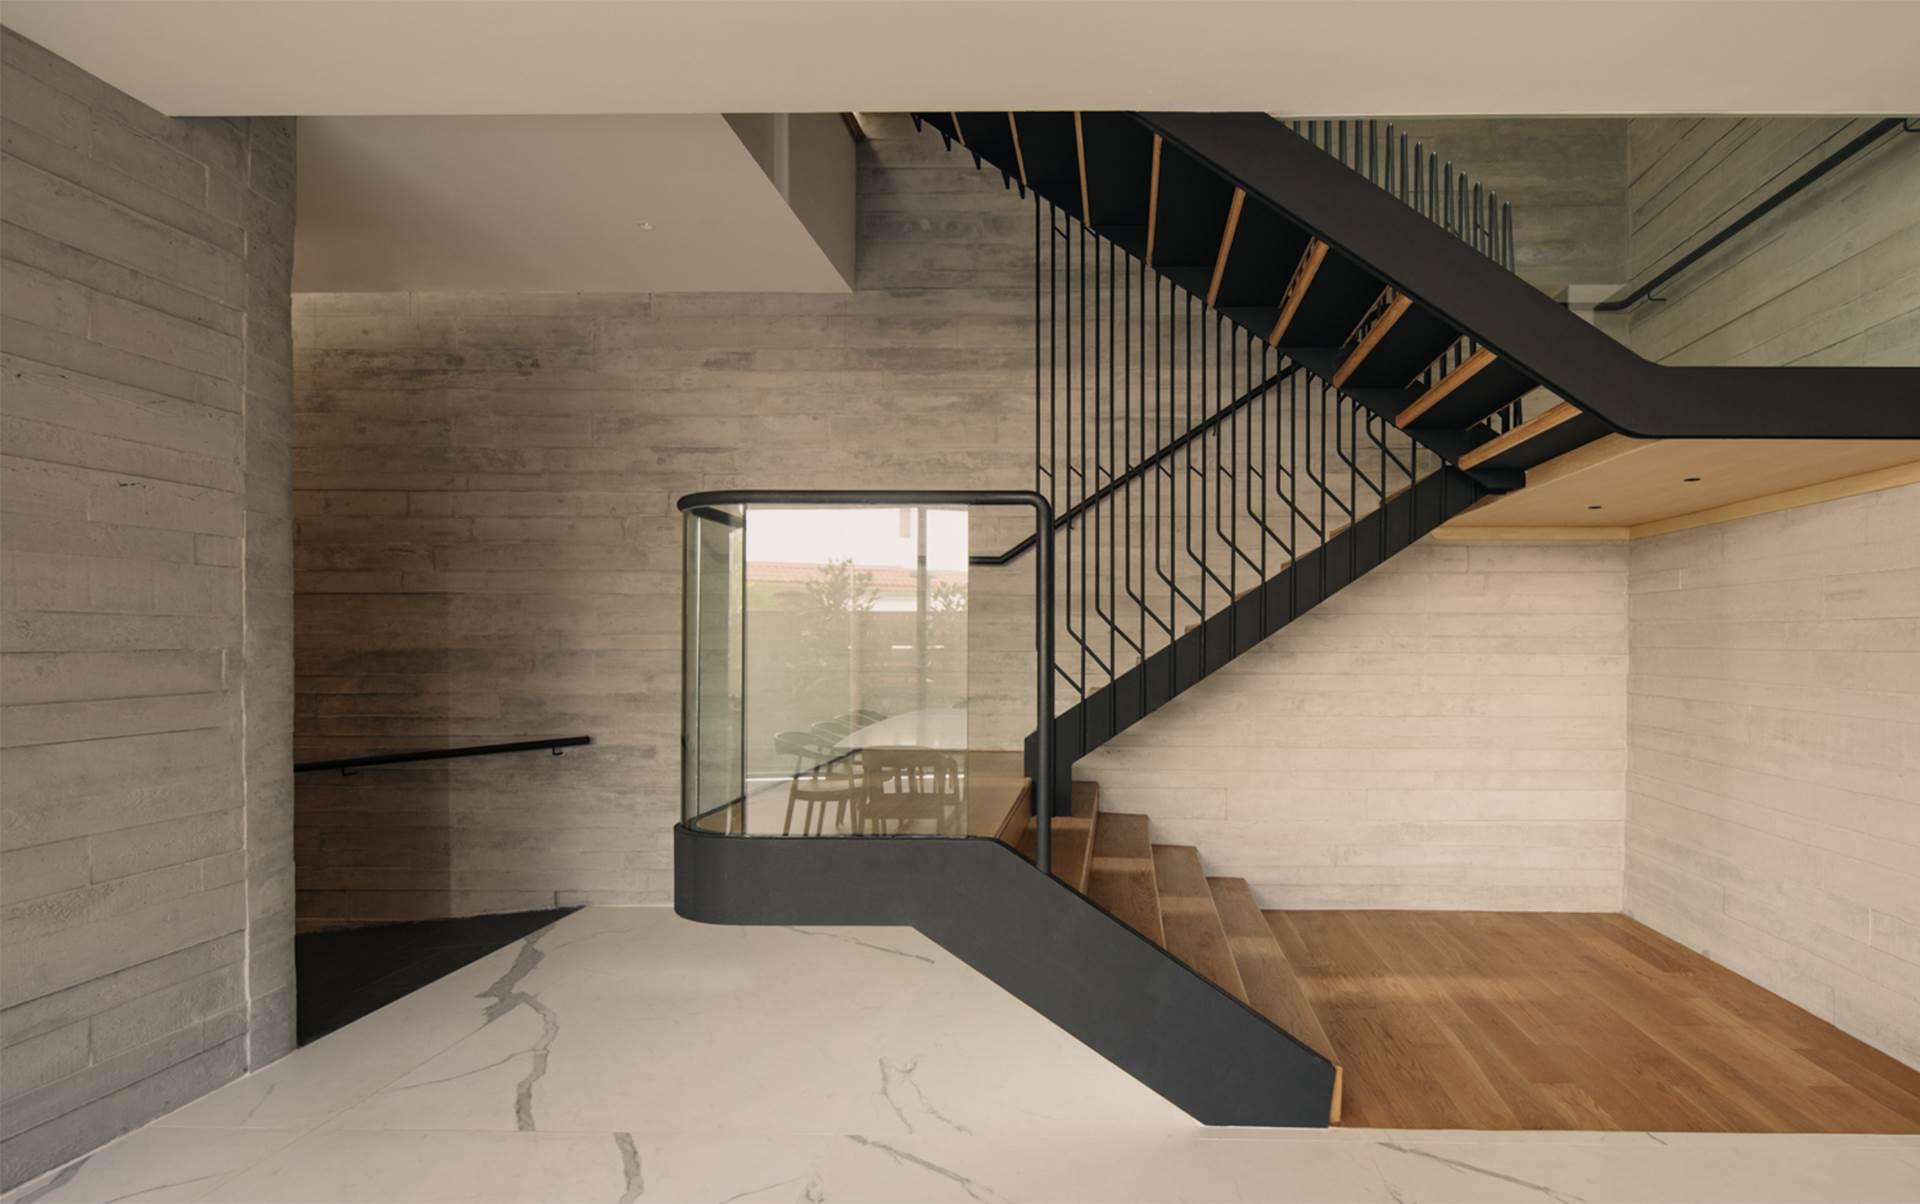 Strata House 7